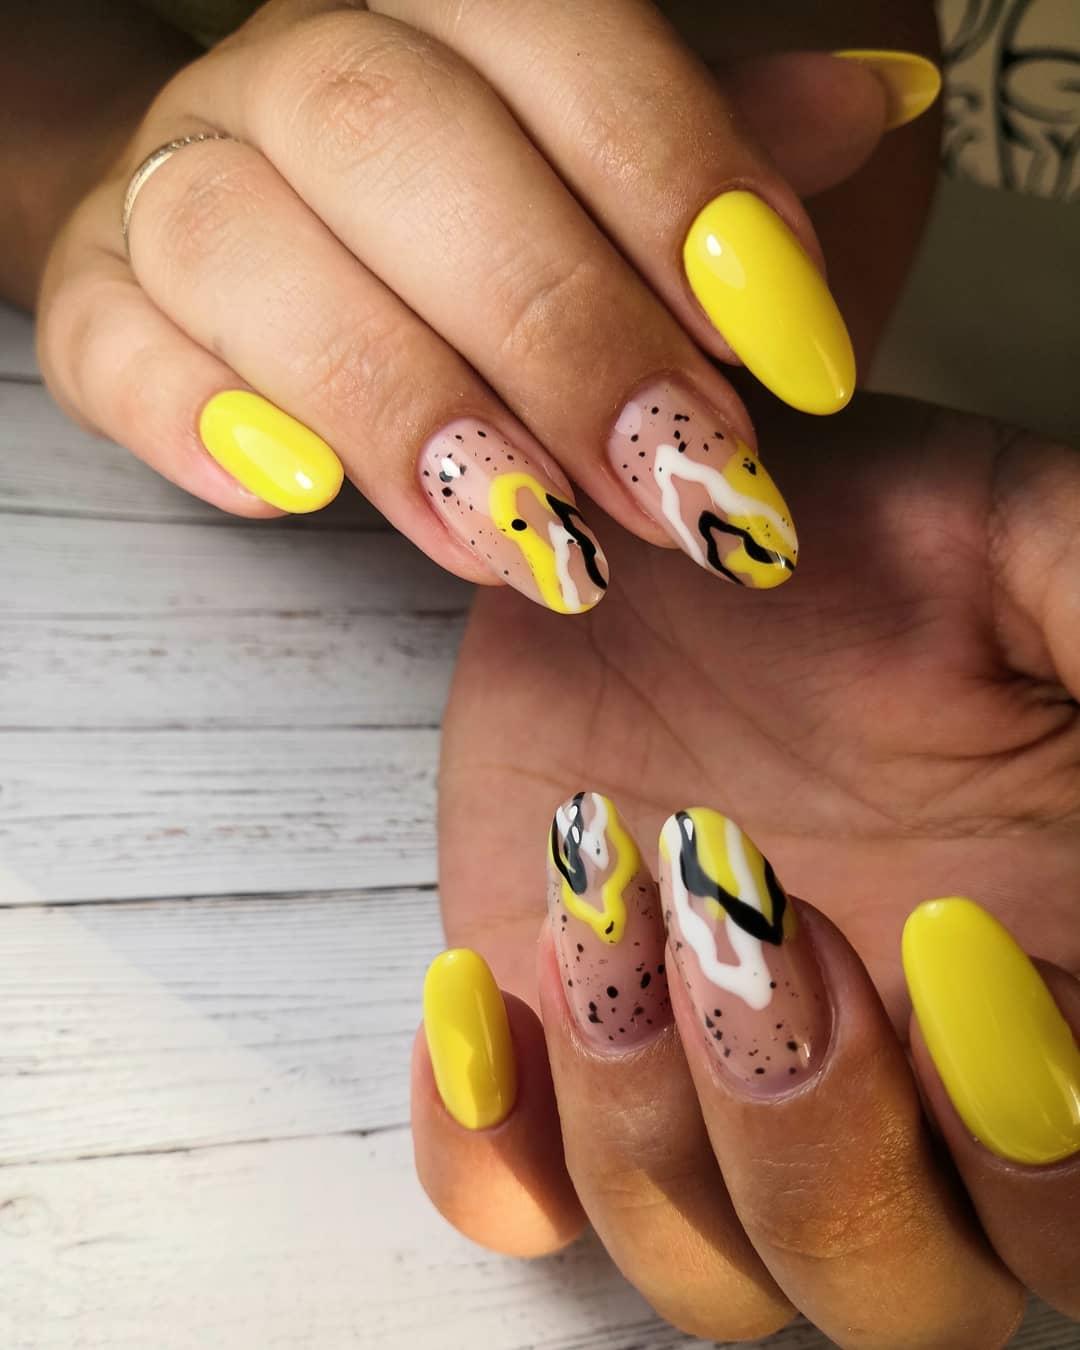 Маникюр с абстрактным рисунком в желтом цвете на длинные ногти.